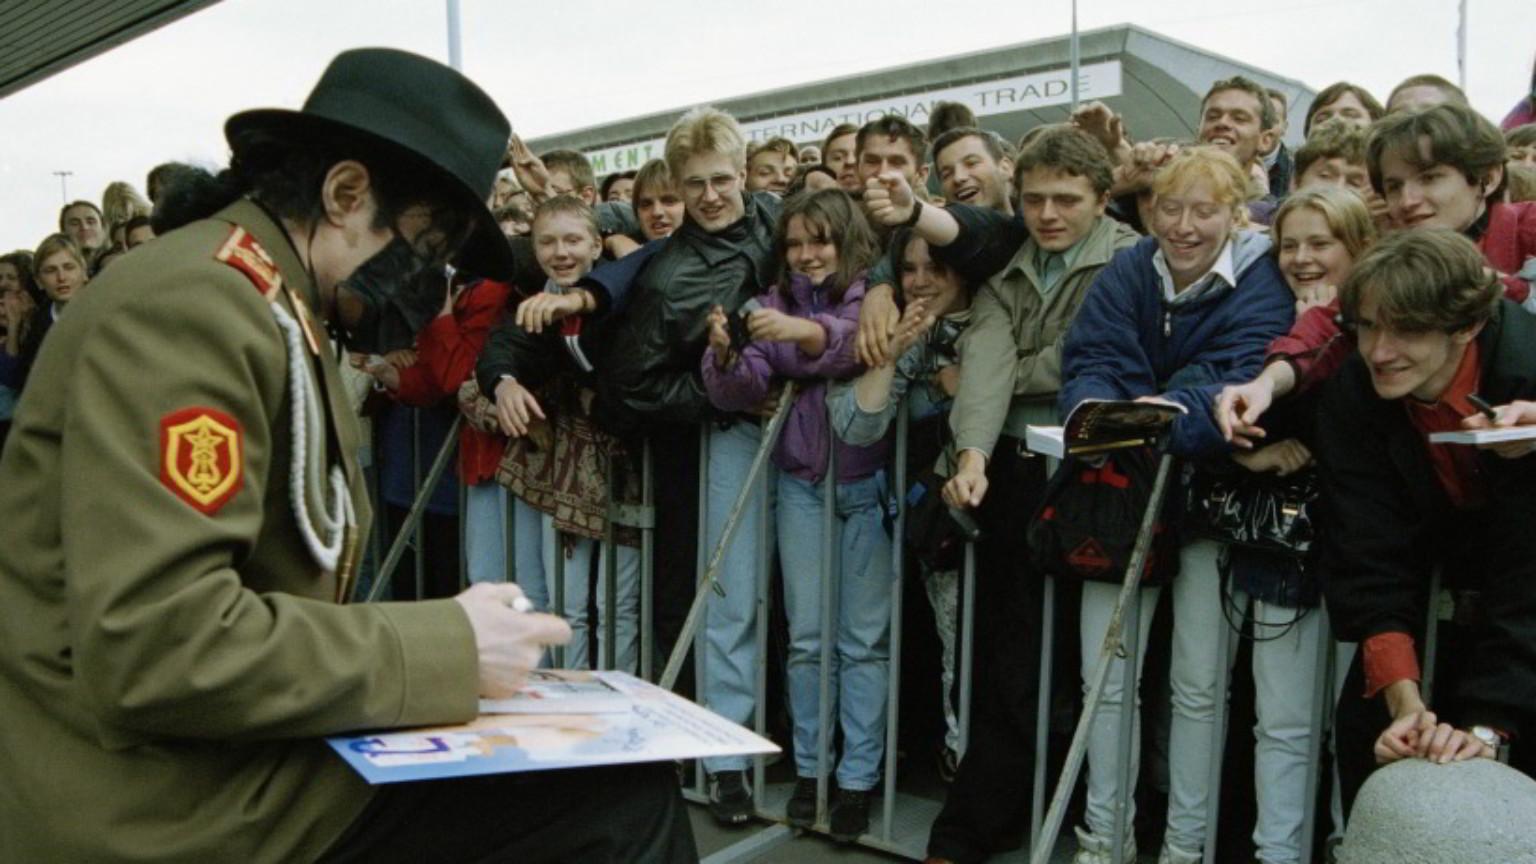 Zdjęcie dla kartki: Król popu daje koncert w Warszawie